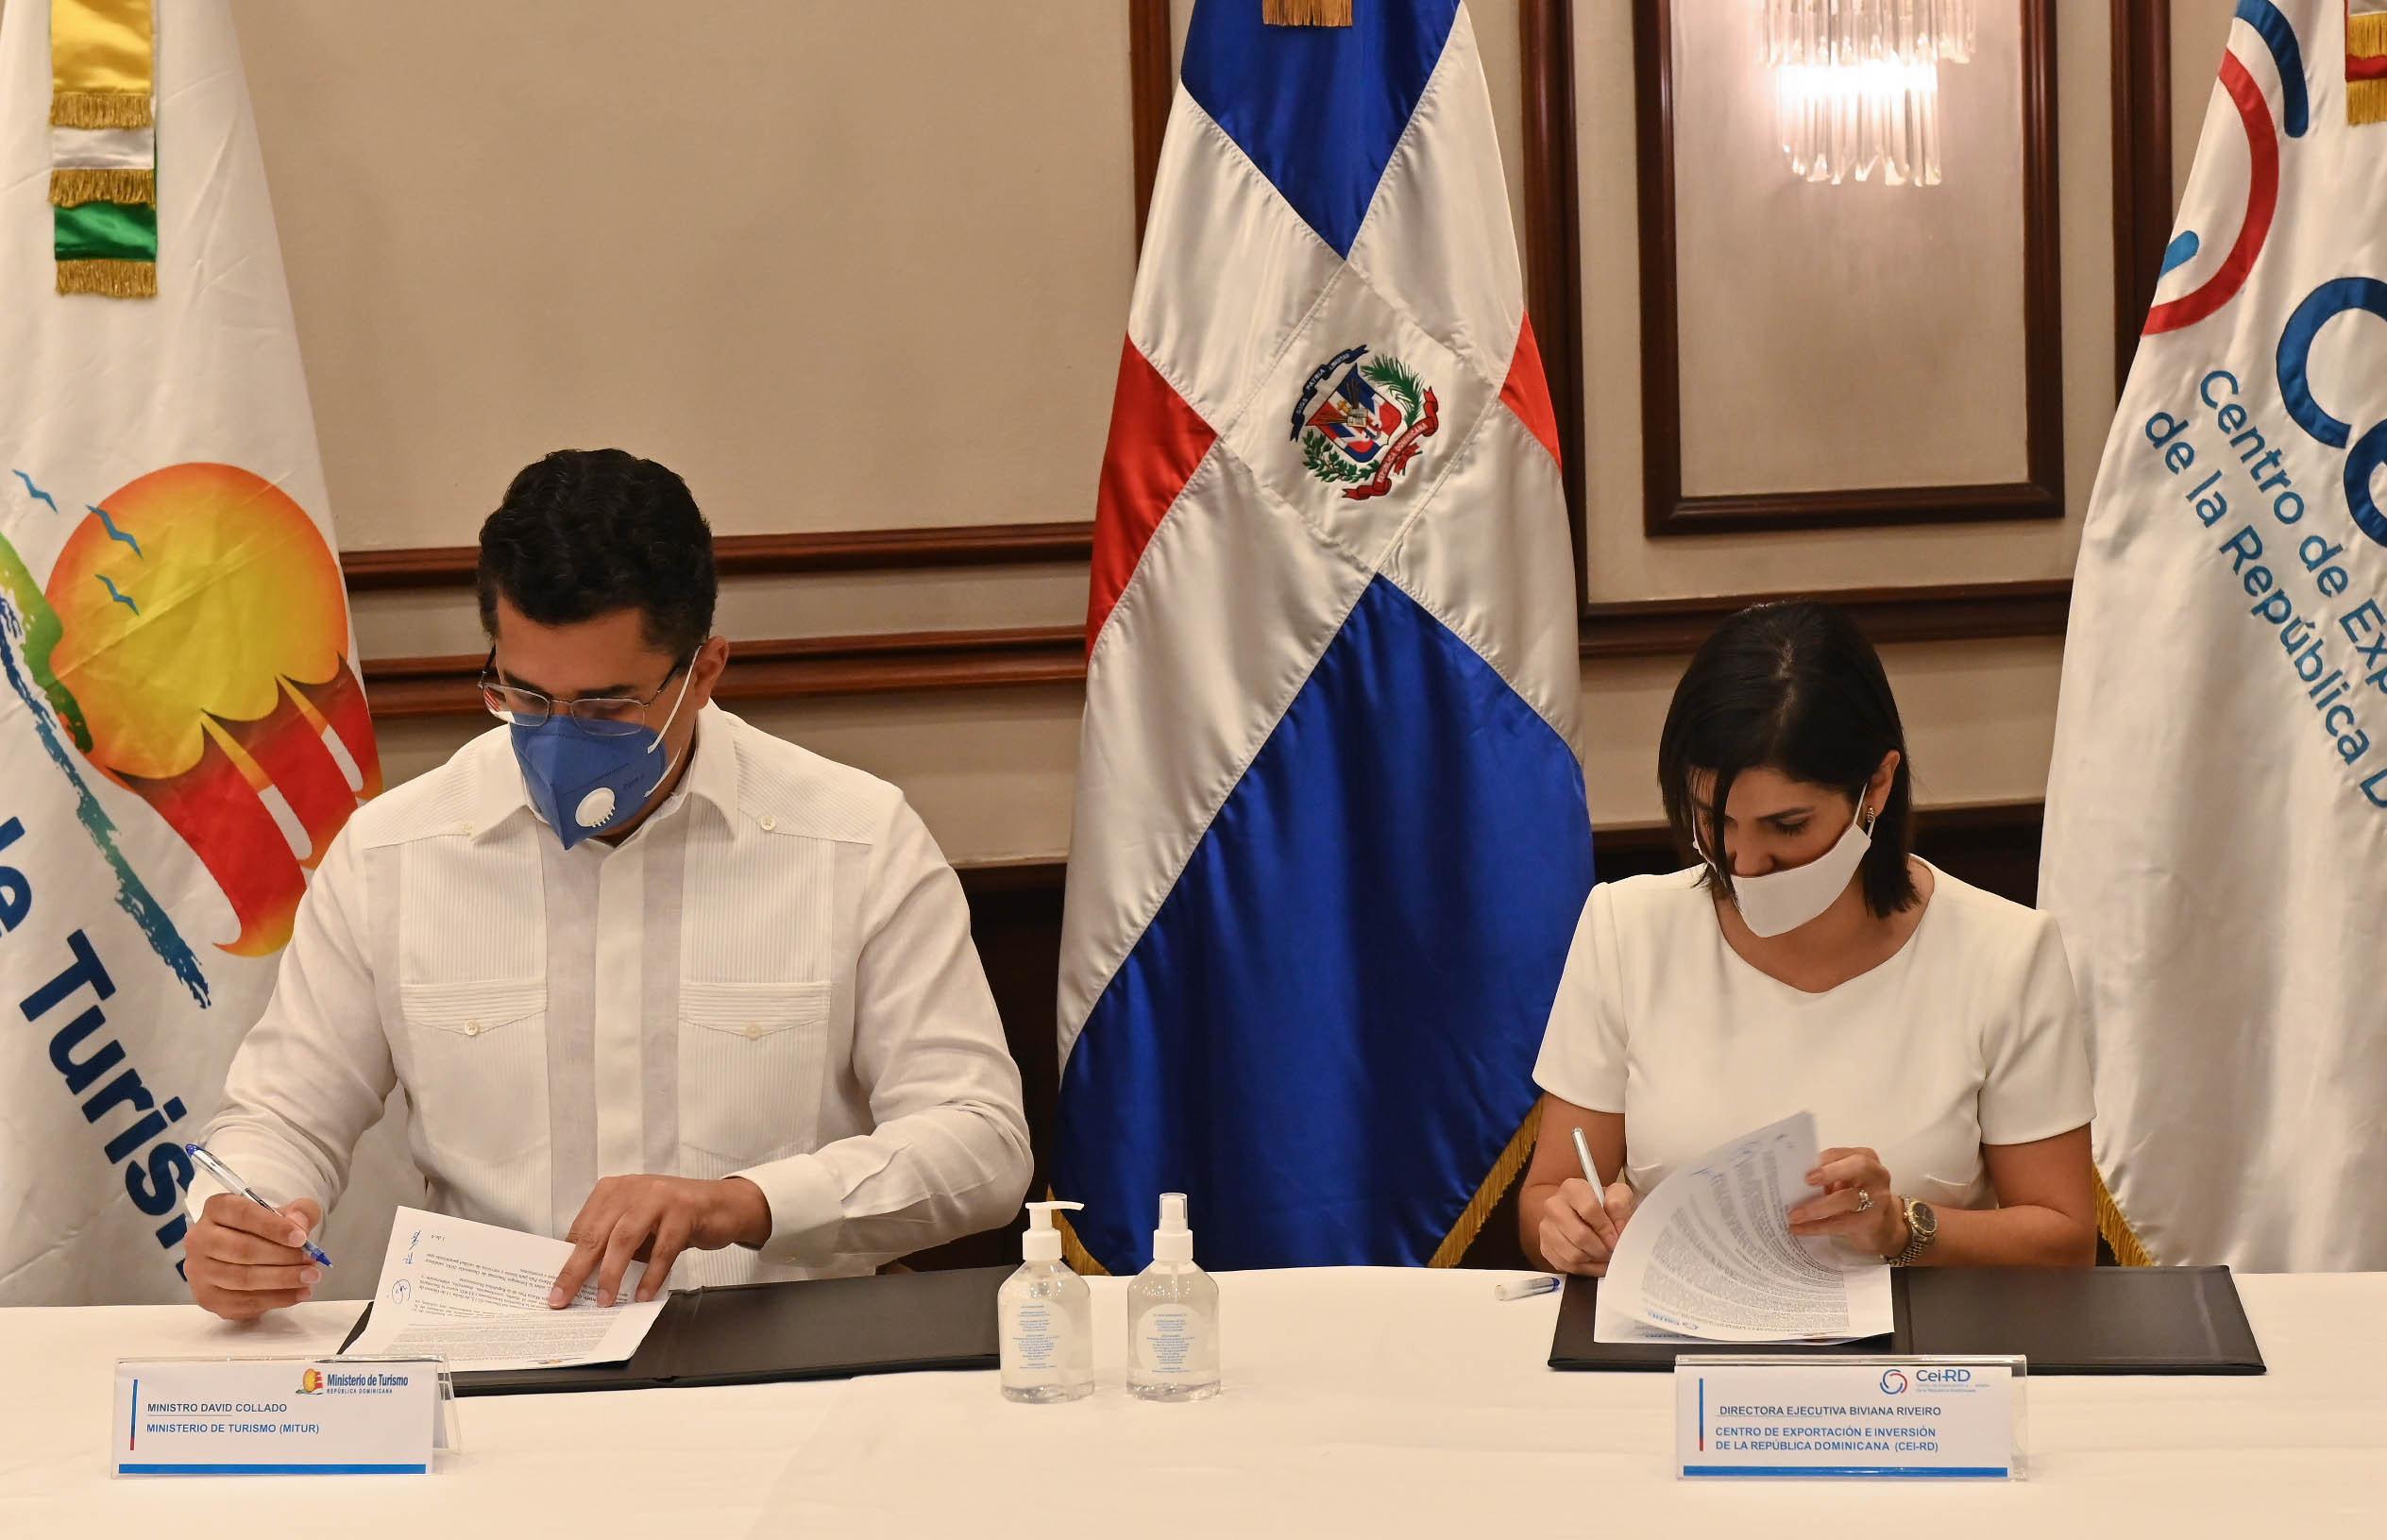 el ministro de Turismo, David Collado y la directora del Centro de Inversión y  Exportaciones (CEI-RD), Biviana Riveiro Disla durante la firma del acuerdo.